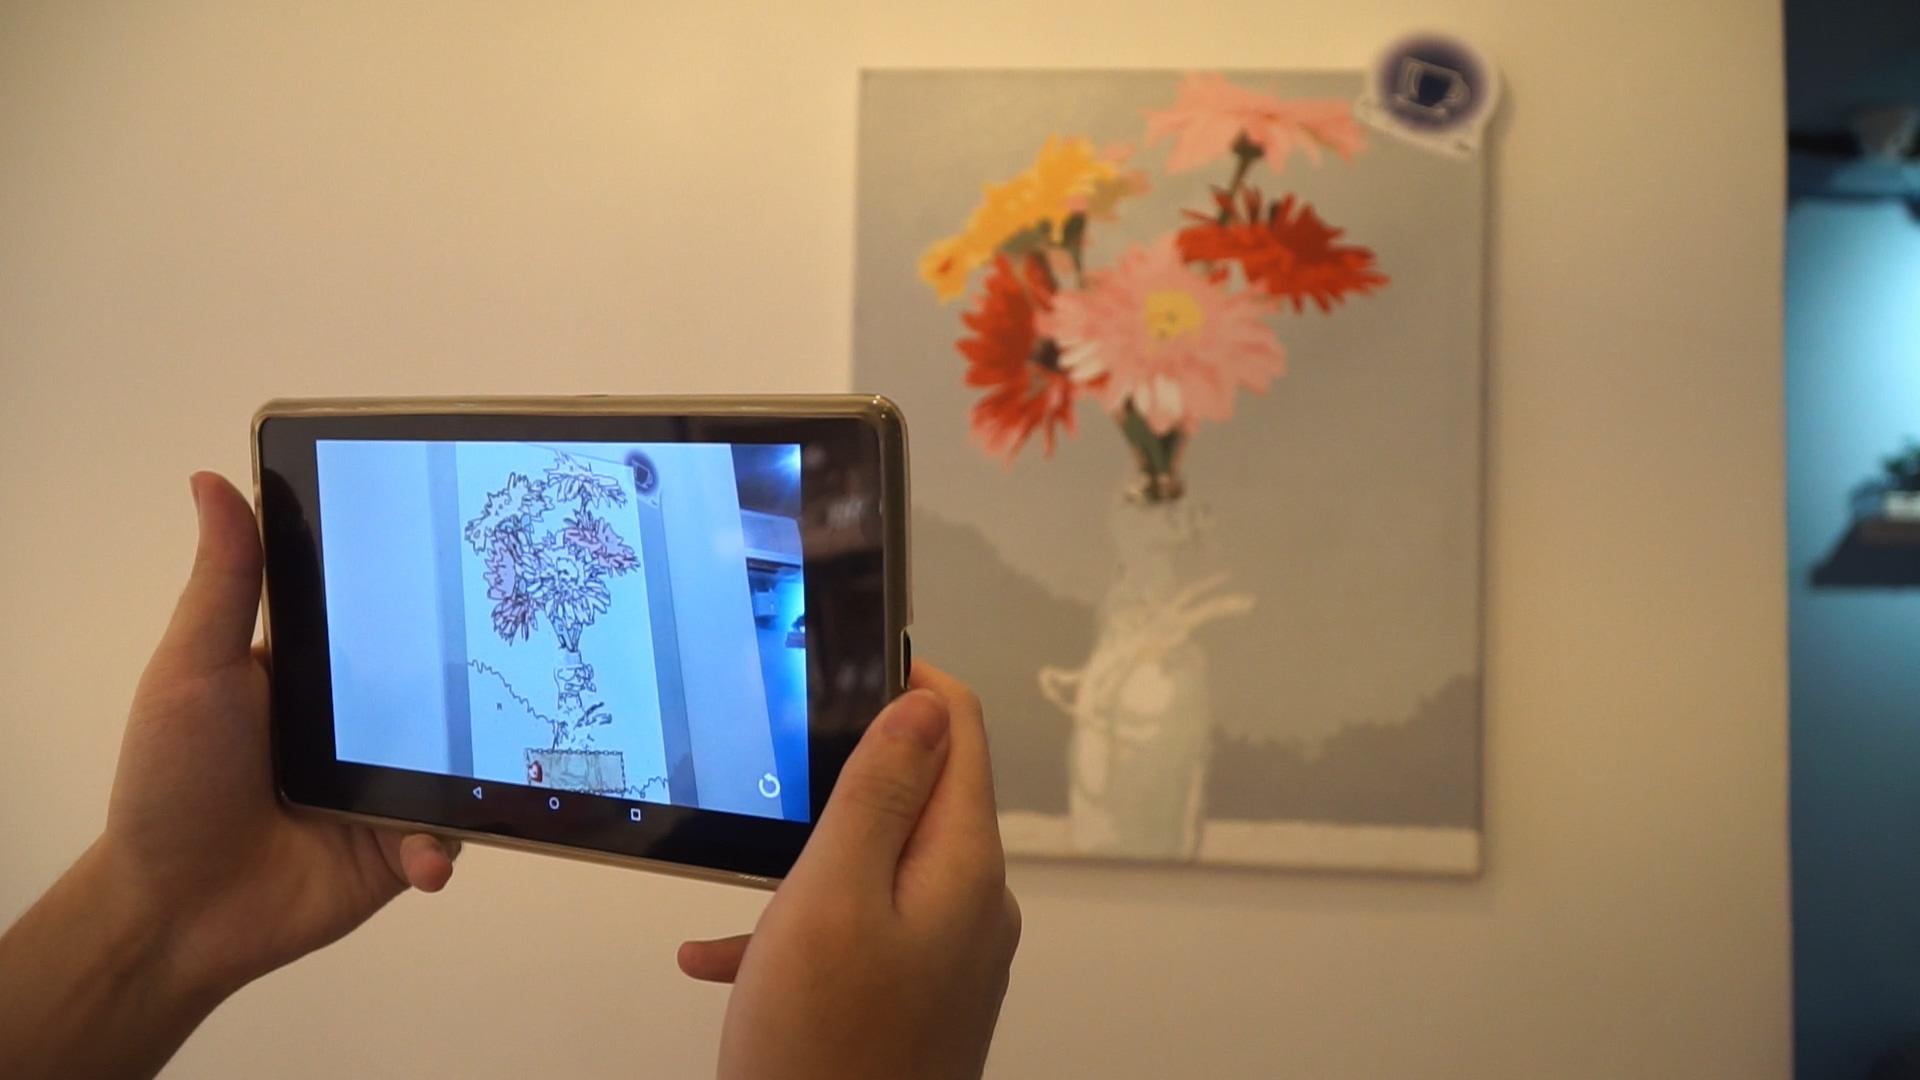 遊戲使用 AR 技術。攝影/邱昱勳